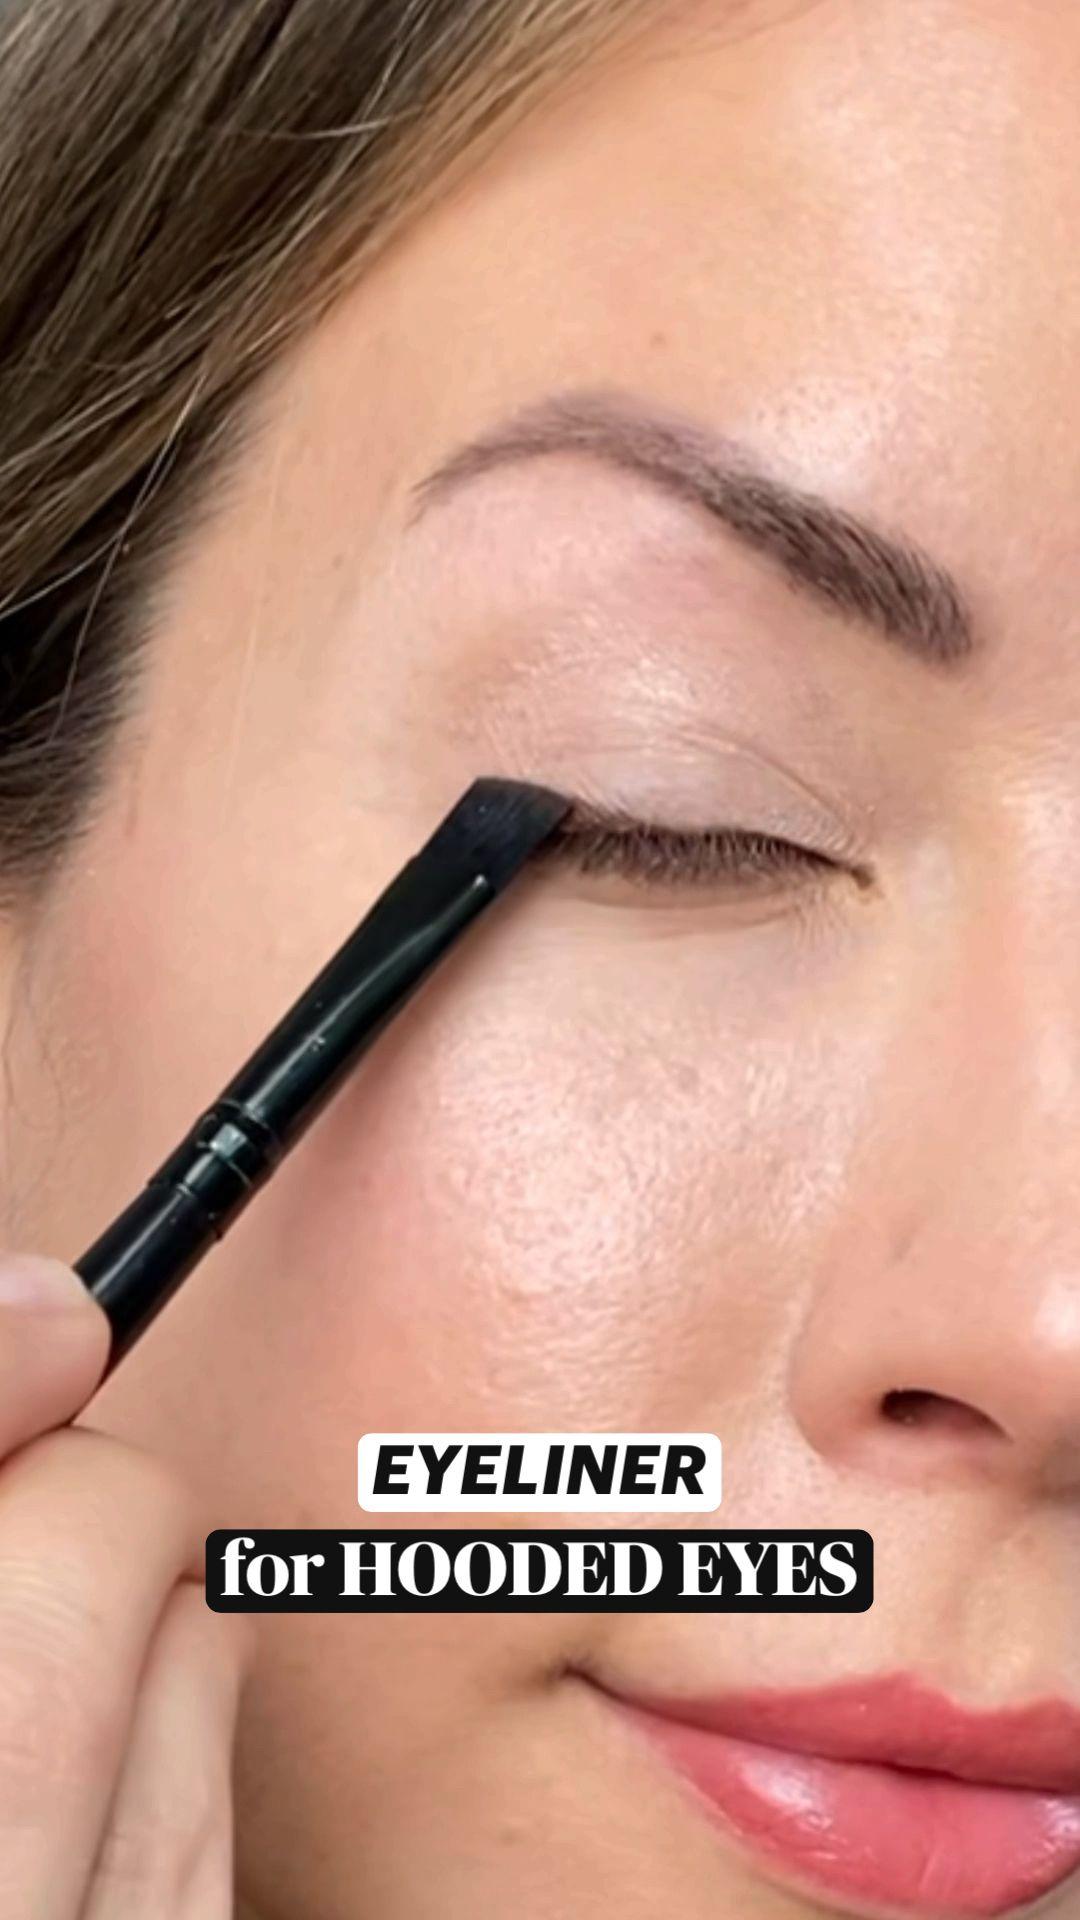 Eyeliner for Hooded Eyes